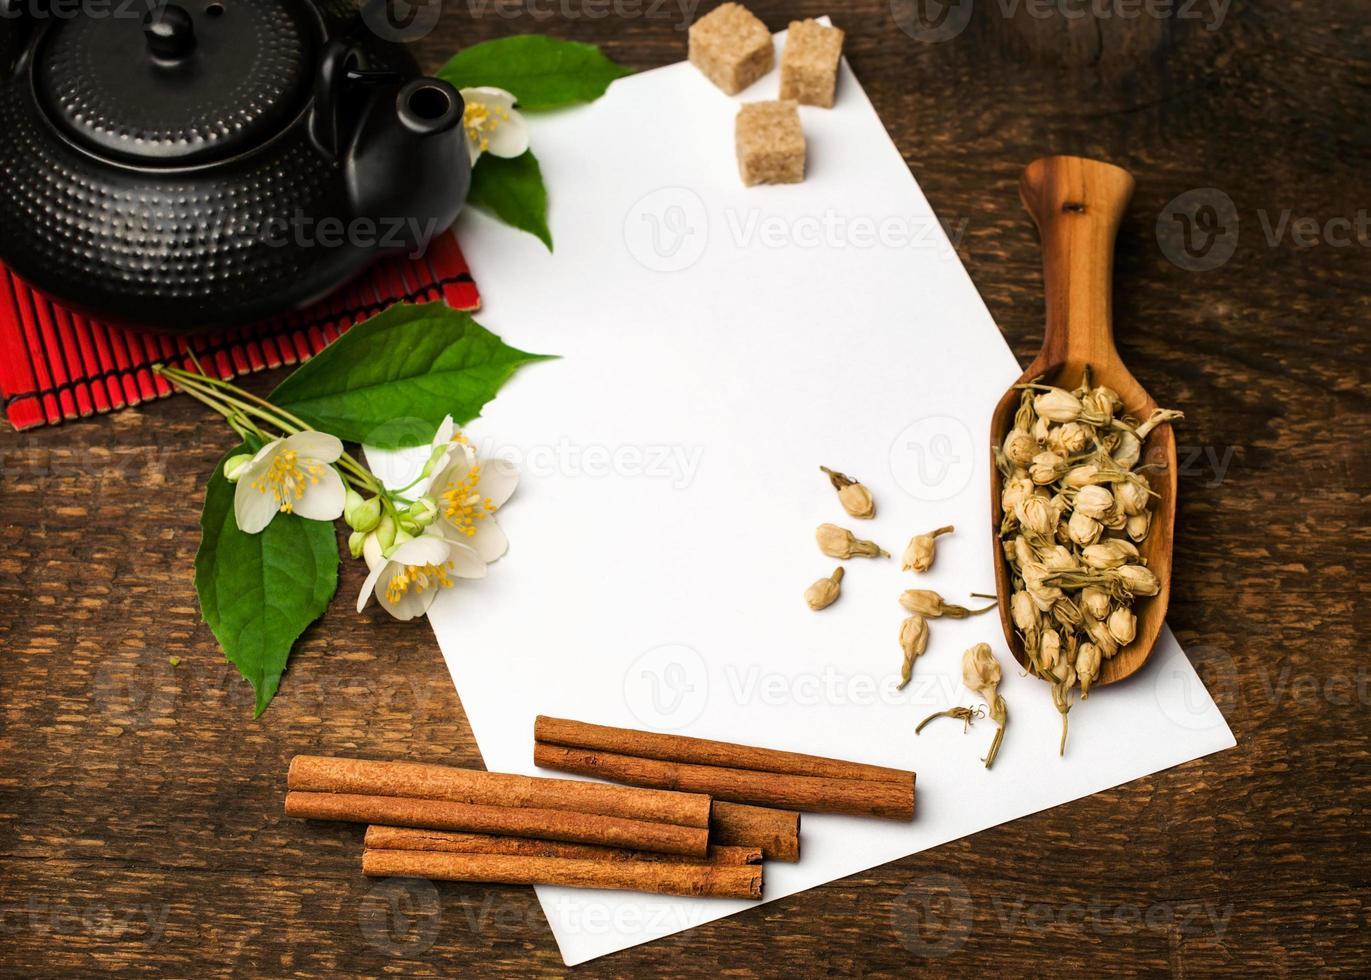 asiatiskt recept foto